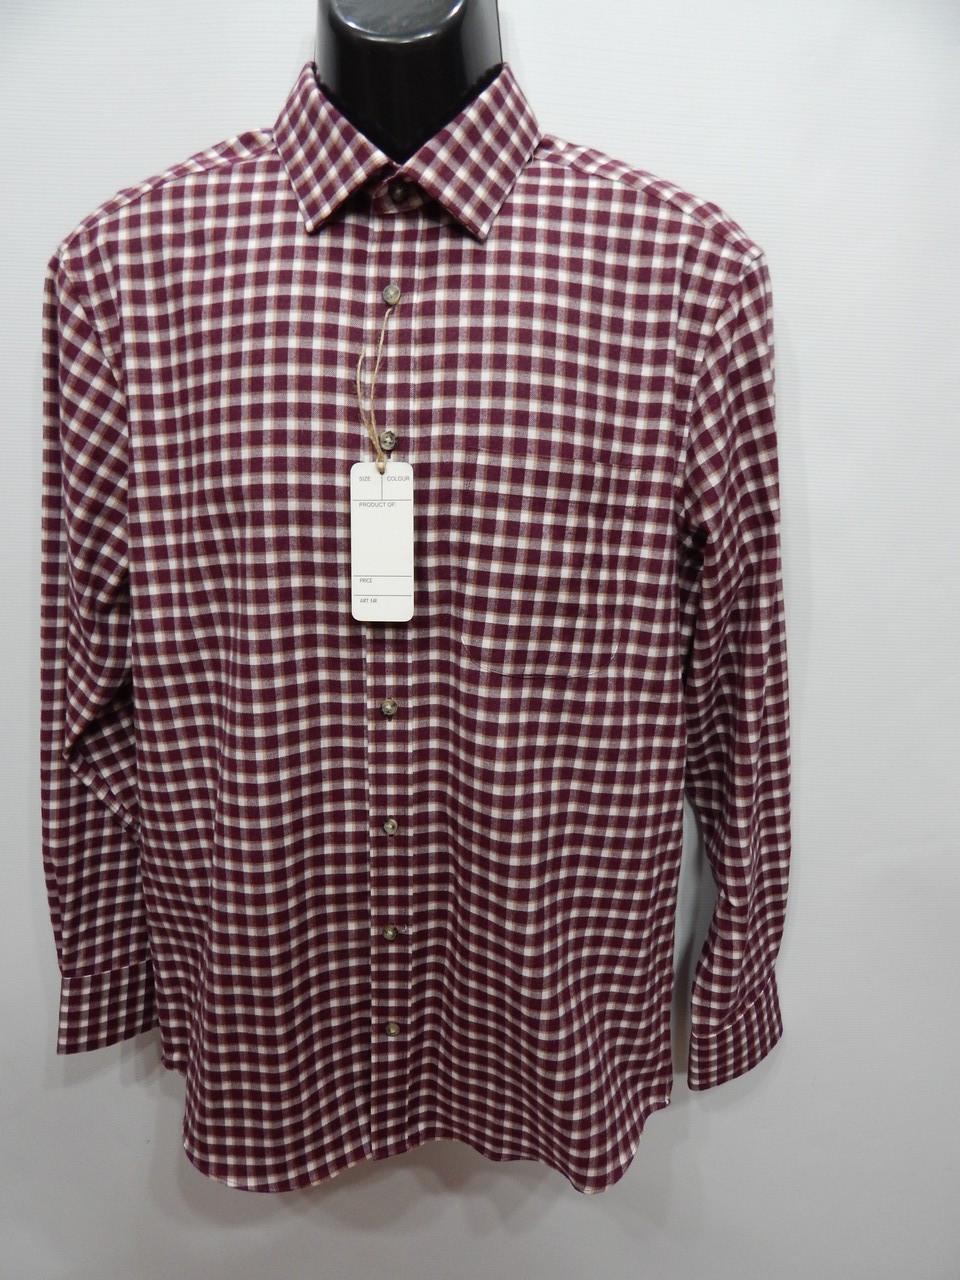 Мужская теплая рубашка с длинным рукавом Marks&Spencer р.48 081RT